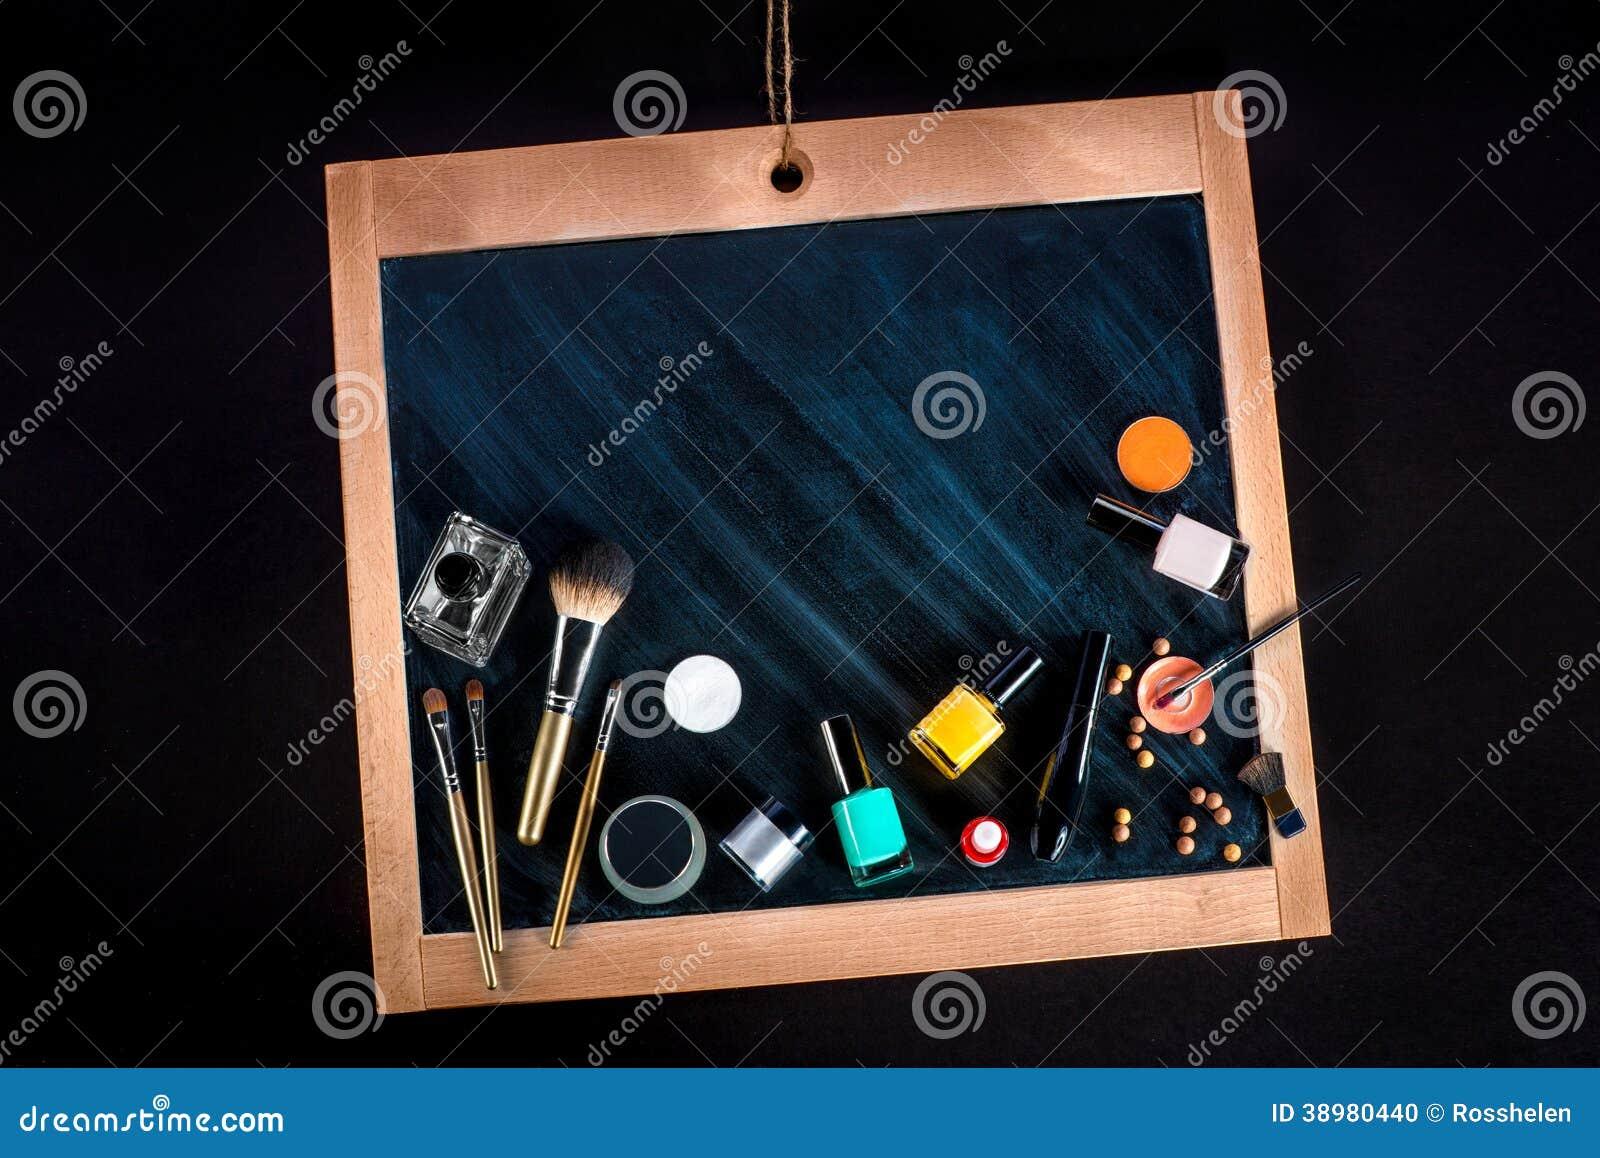 Make Up Tafel : Verschiedene kosmetik und make up auf tafel stockfoto bild von